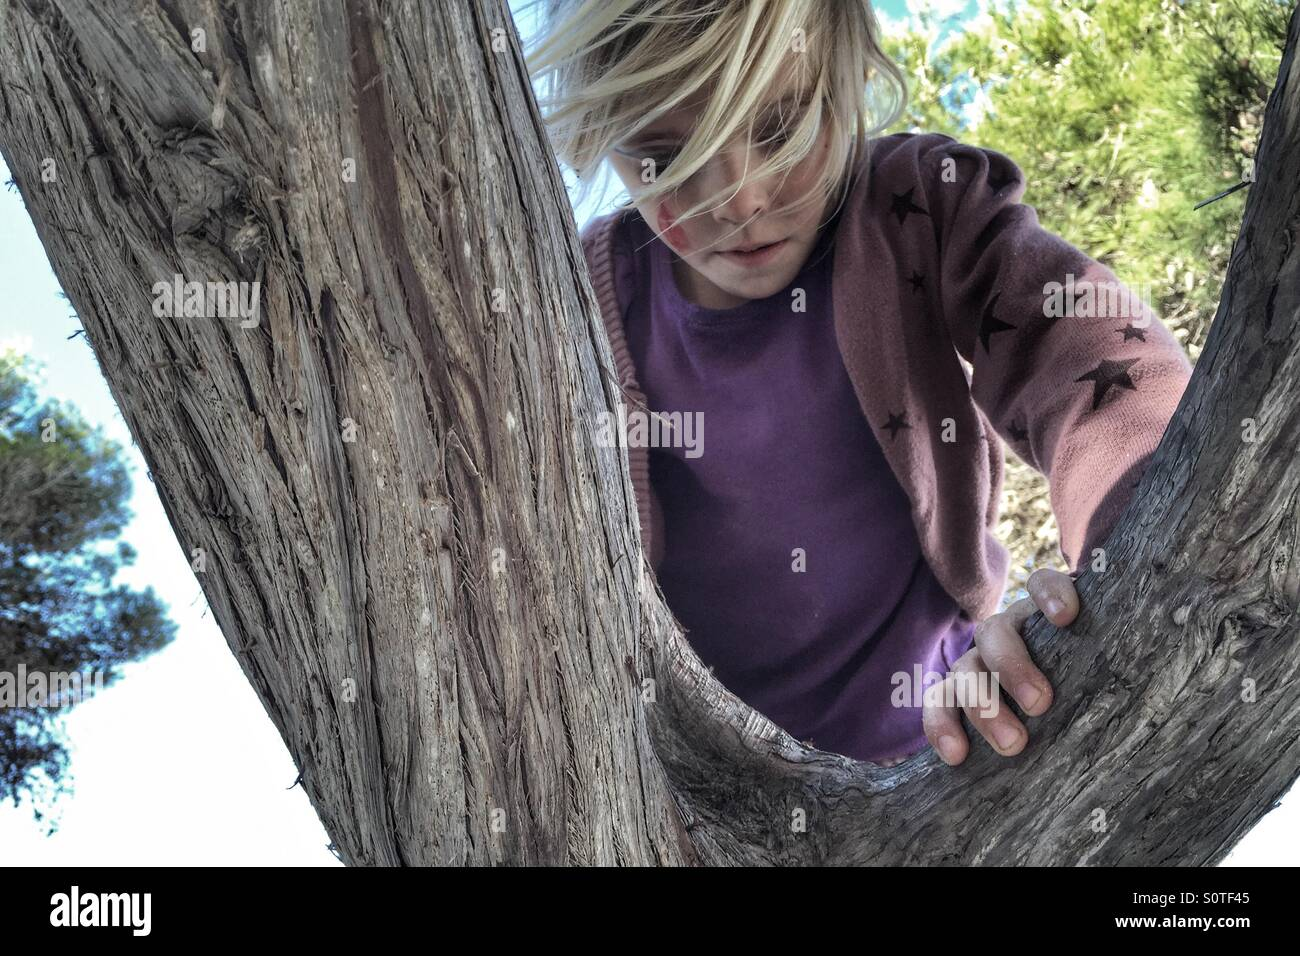 Chica trepar un árbol Imagen De Stock